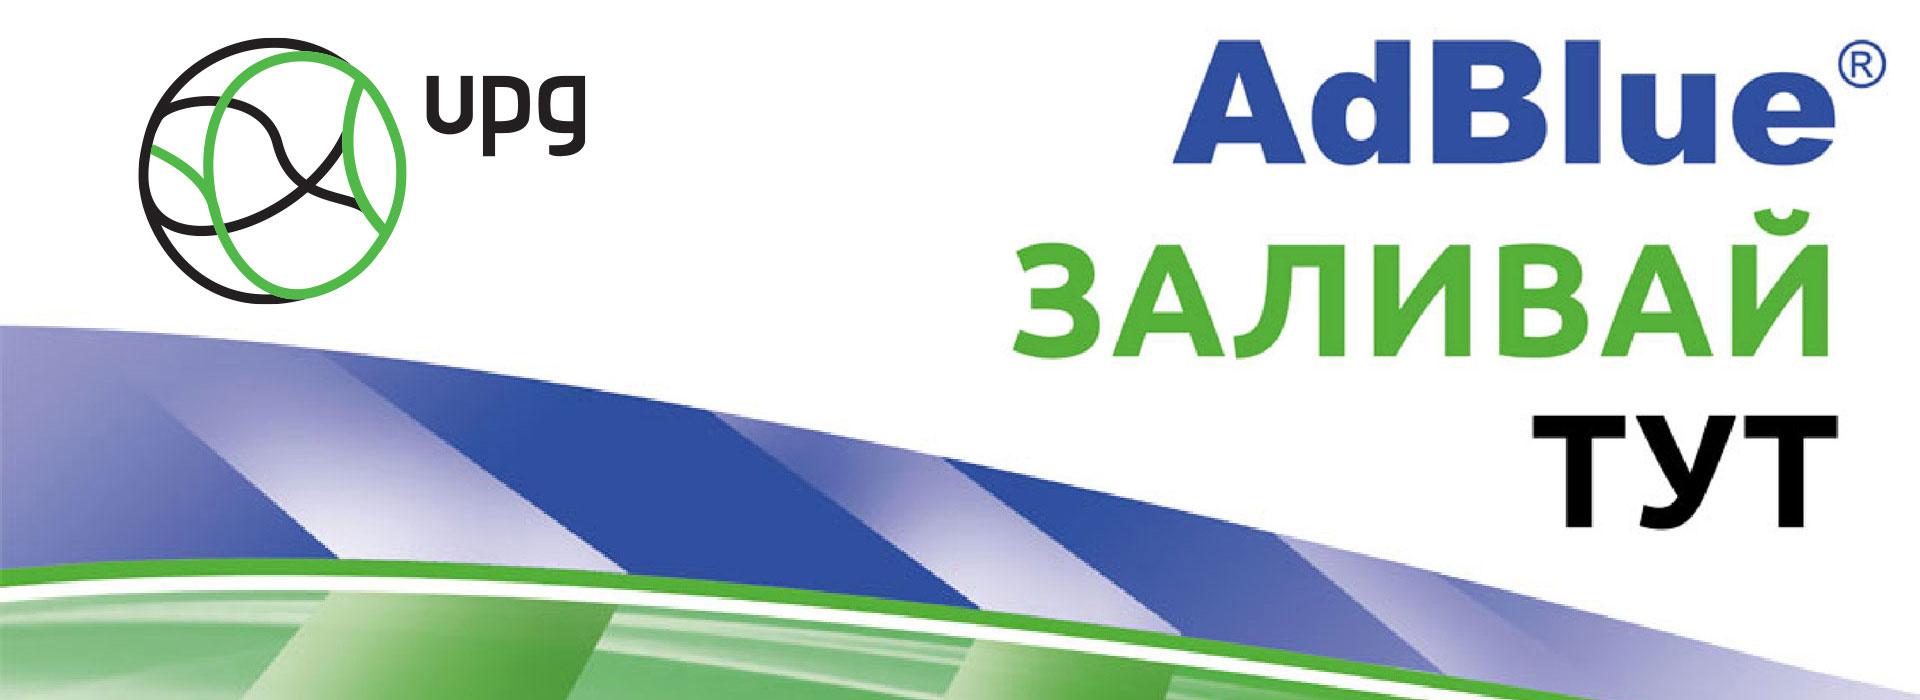 Святкова вигода 30 000 грн. з нагоди 30-ї річниці Great